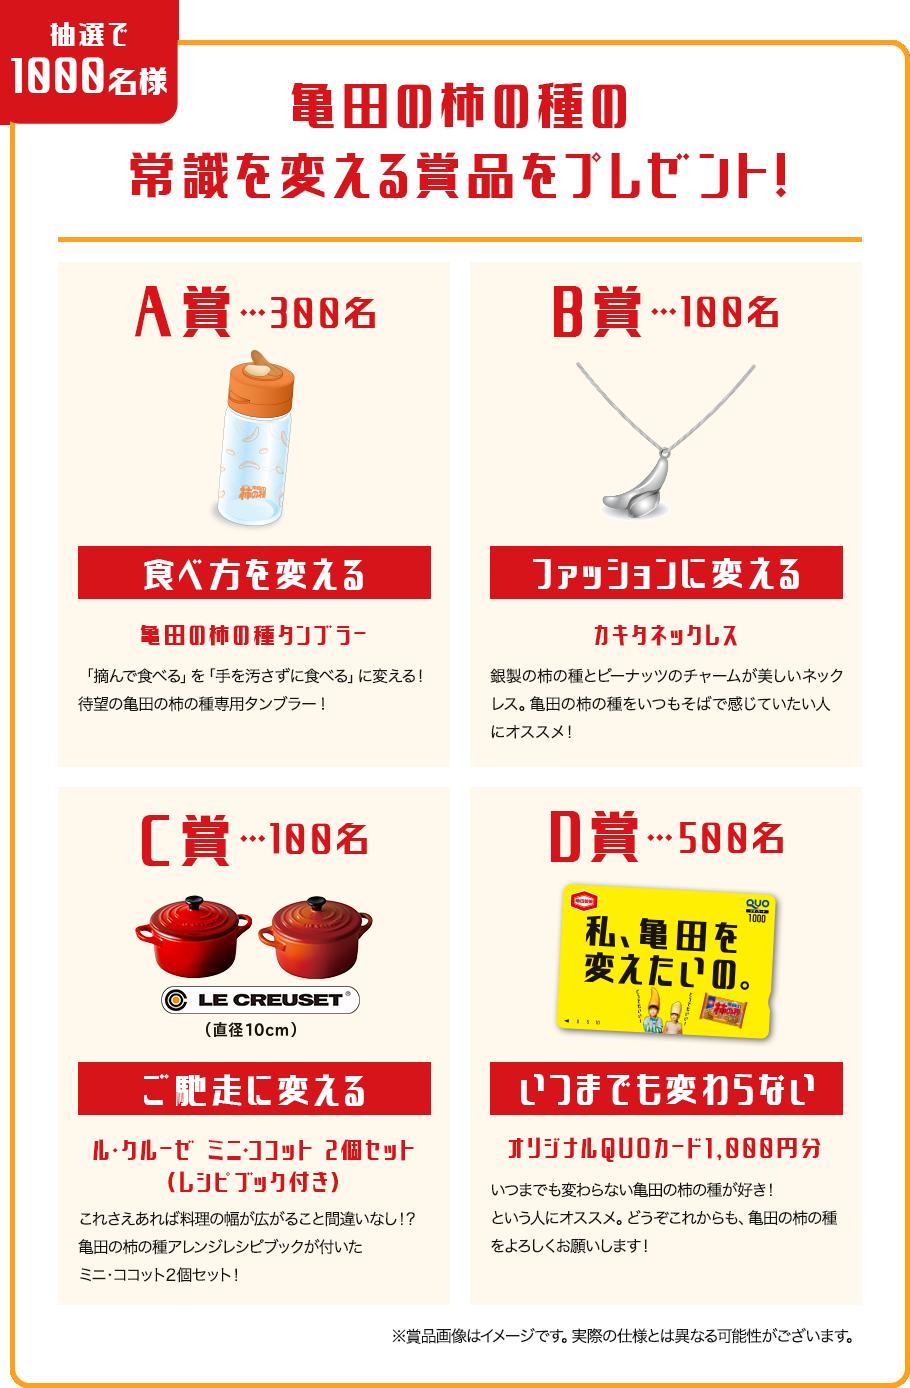 亀田の柿の種の常識を変える賞品をプレゼント!